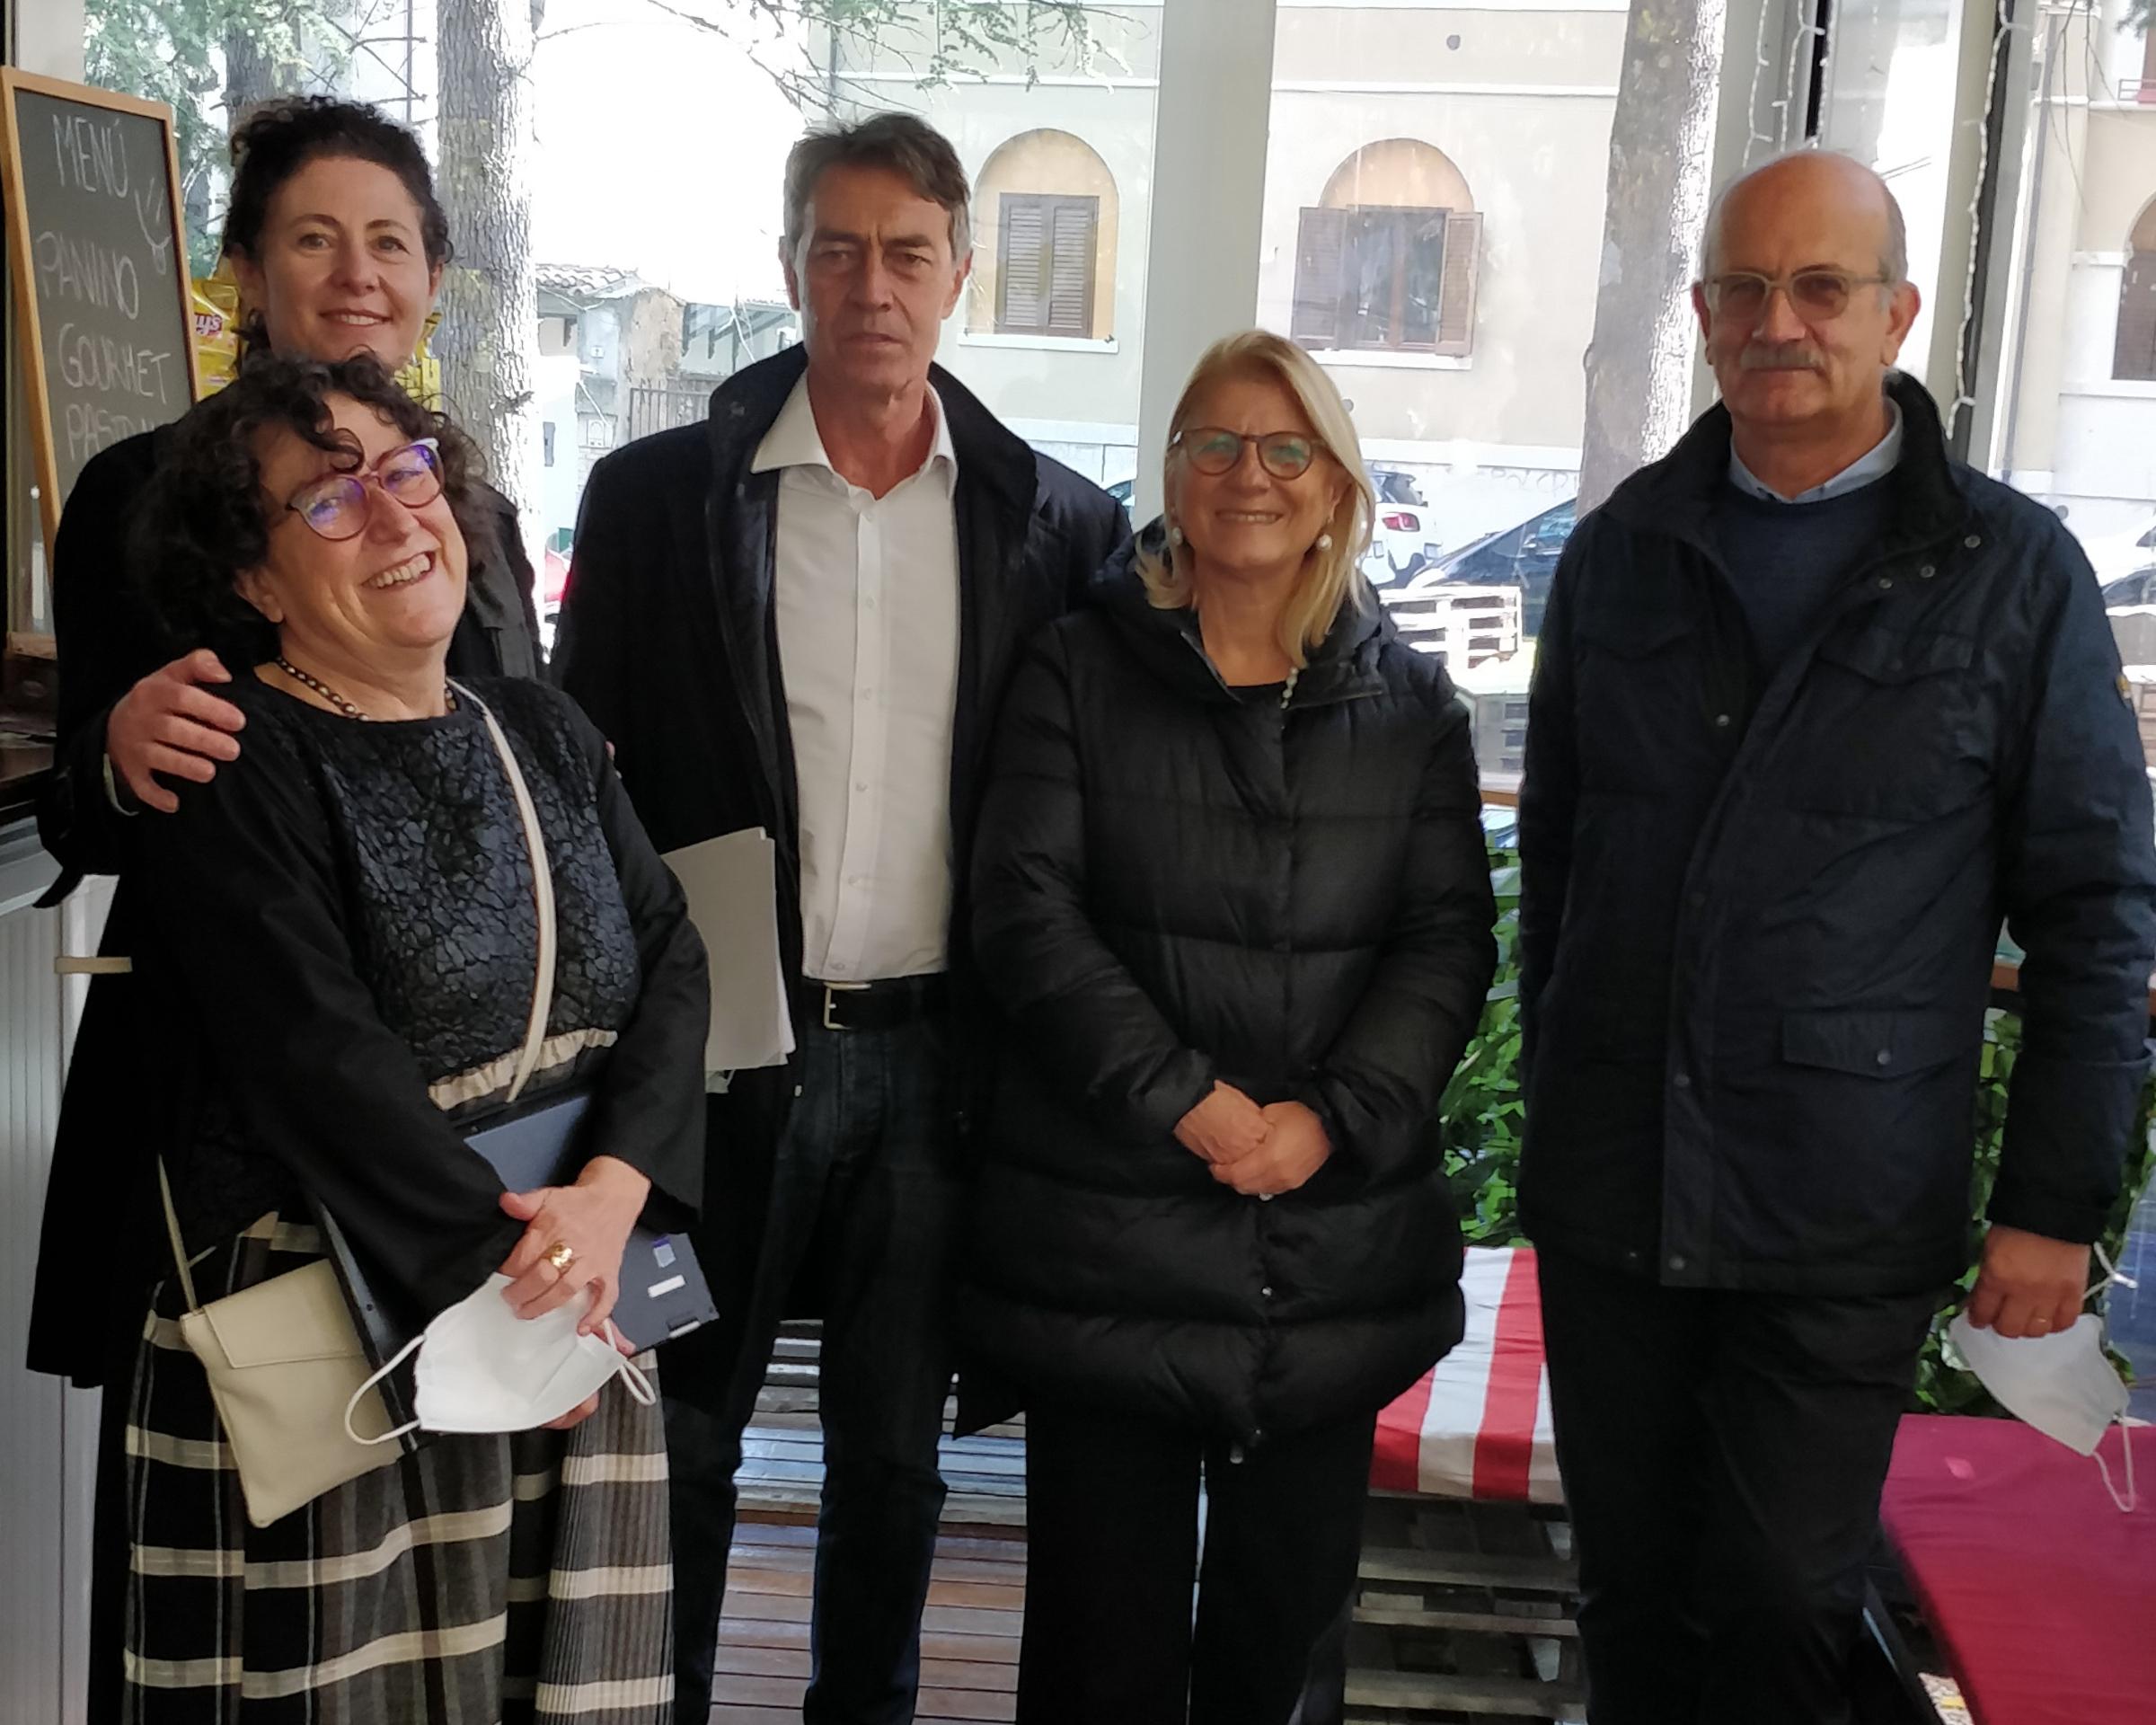 Oggi a L'Aquila avviata collaborazione tra Asl Rieti, Scuola Specializzazione Igiene e Medicina Preventiva e Università Studi dell'Aquila